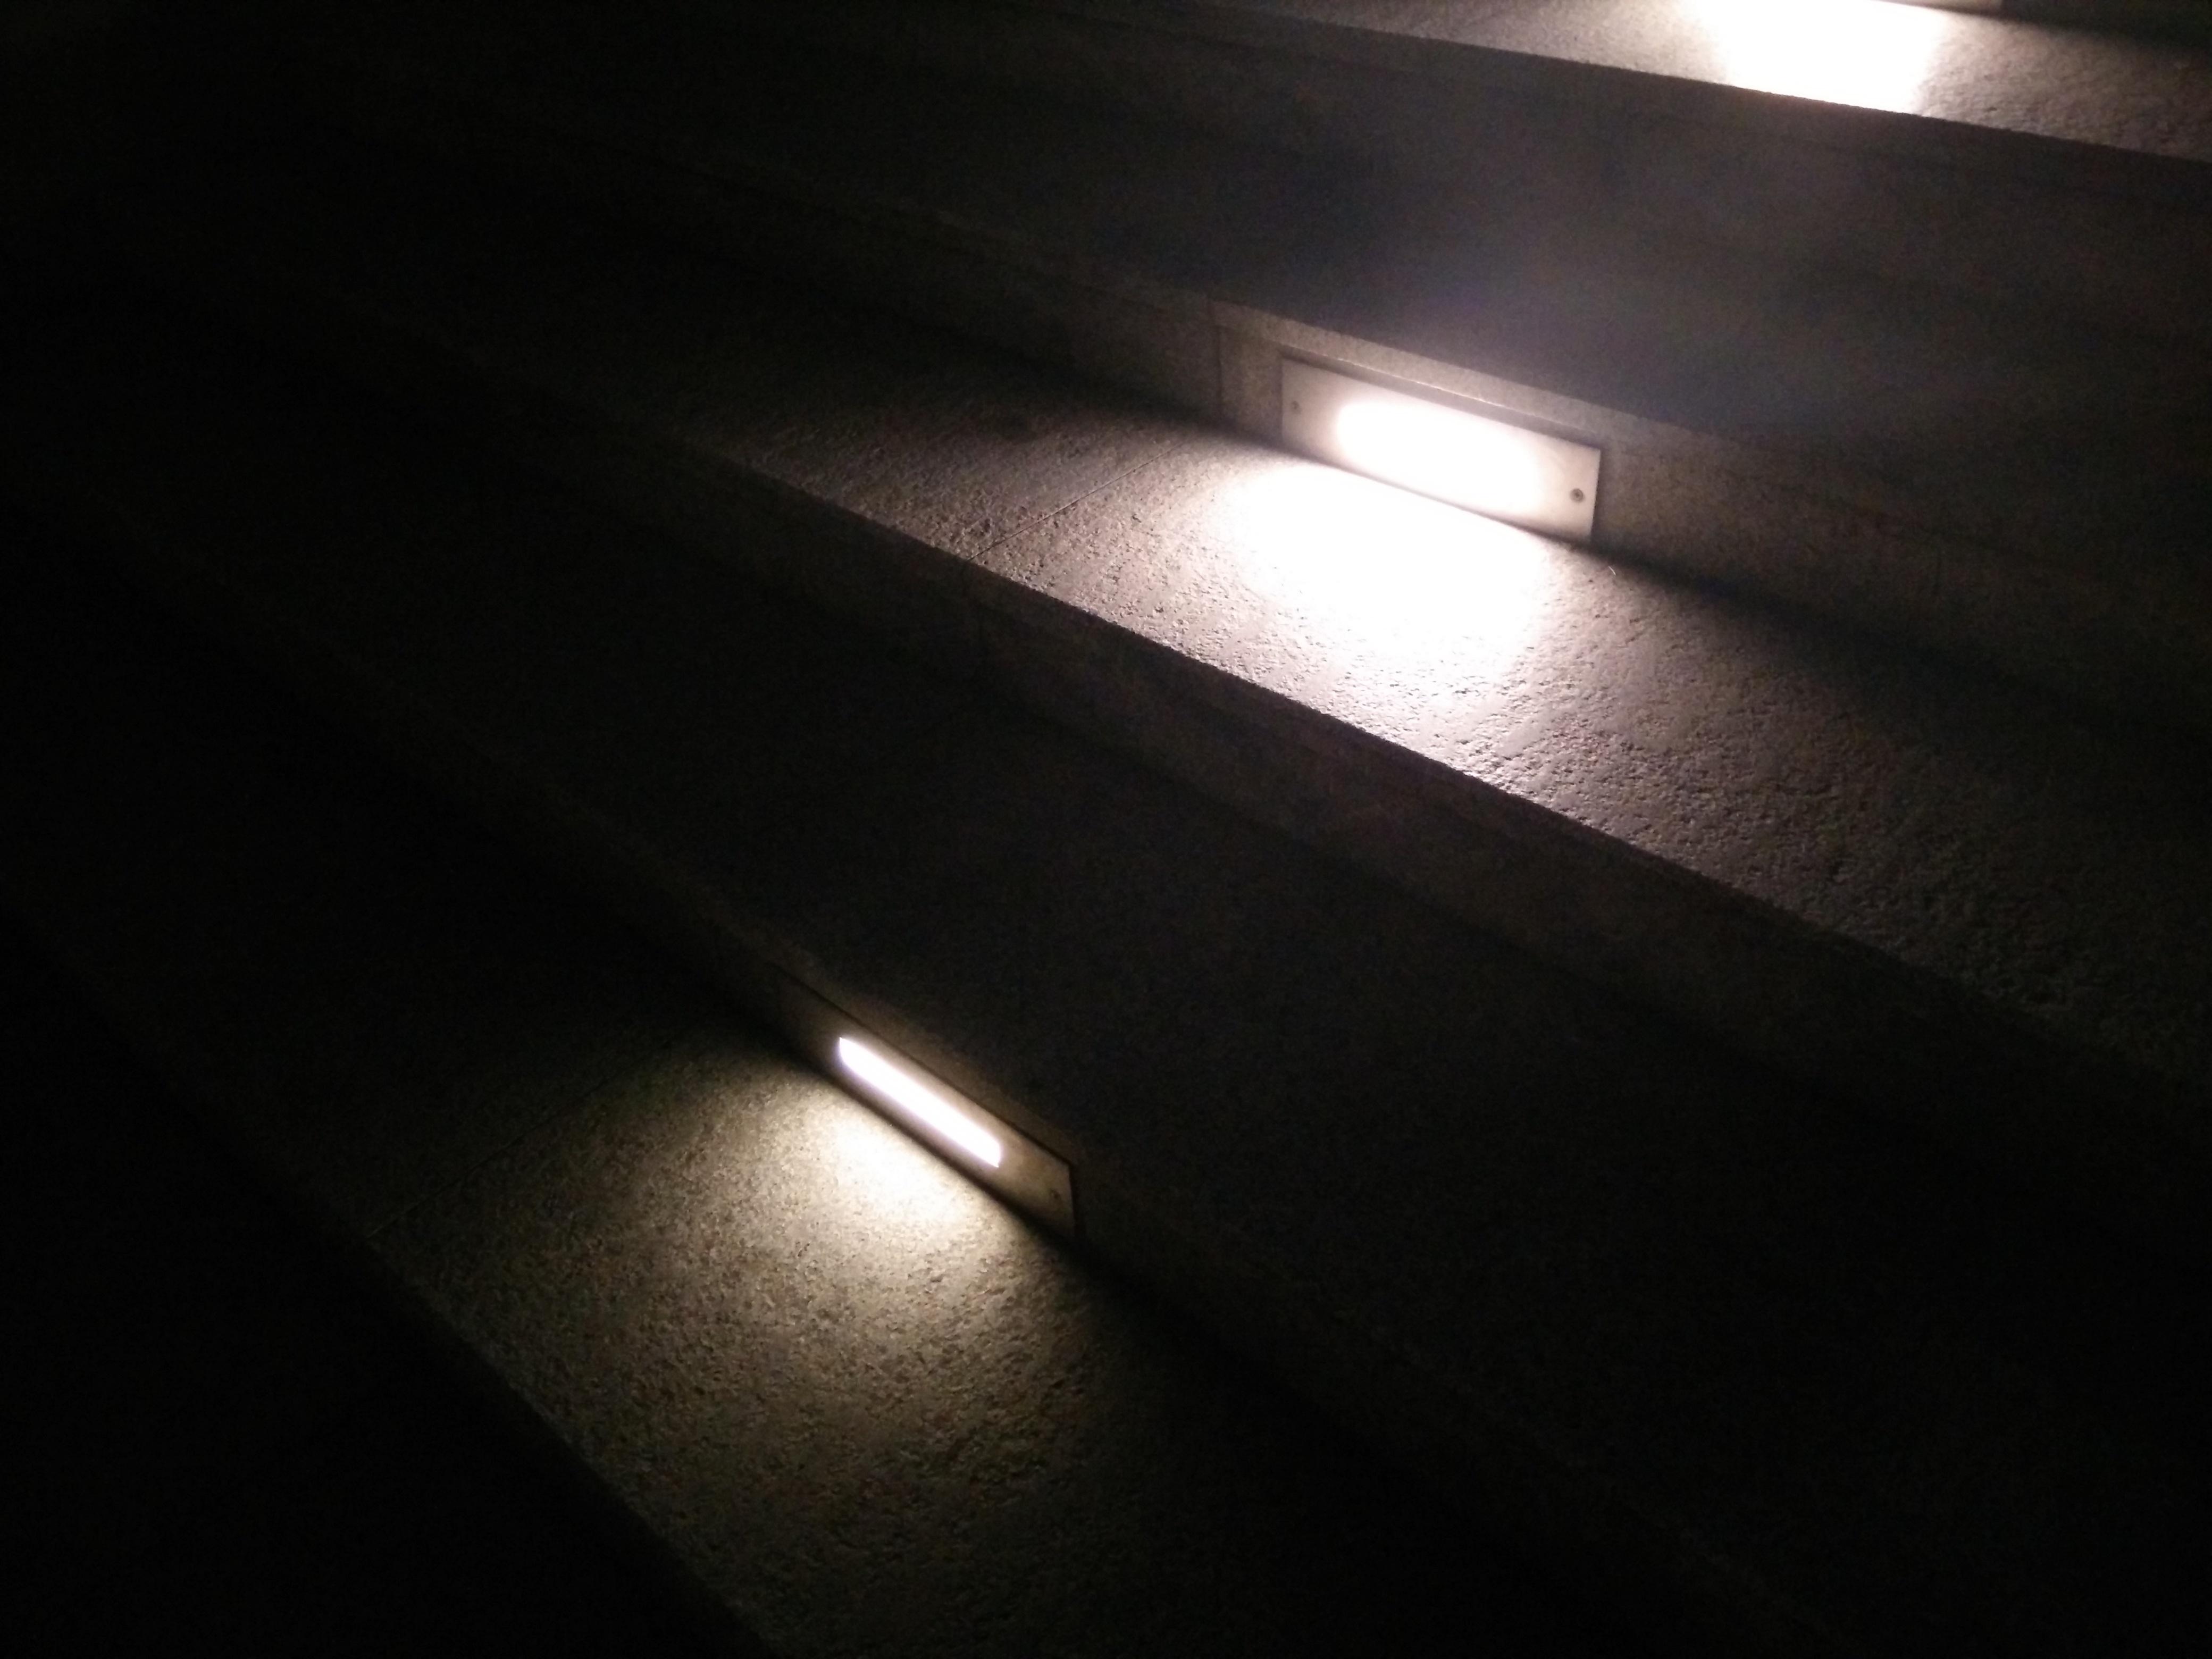 Kostenlose Foto : Licht, Nacht , Treppe, Innere, Atmosphäre, Schritt,  Schritte, Linie, Schatten, Dunkelheit, Schwarz, Die Glühbirne, Beleuchtung,  Steigen, ...